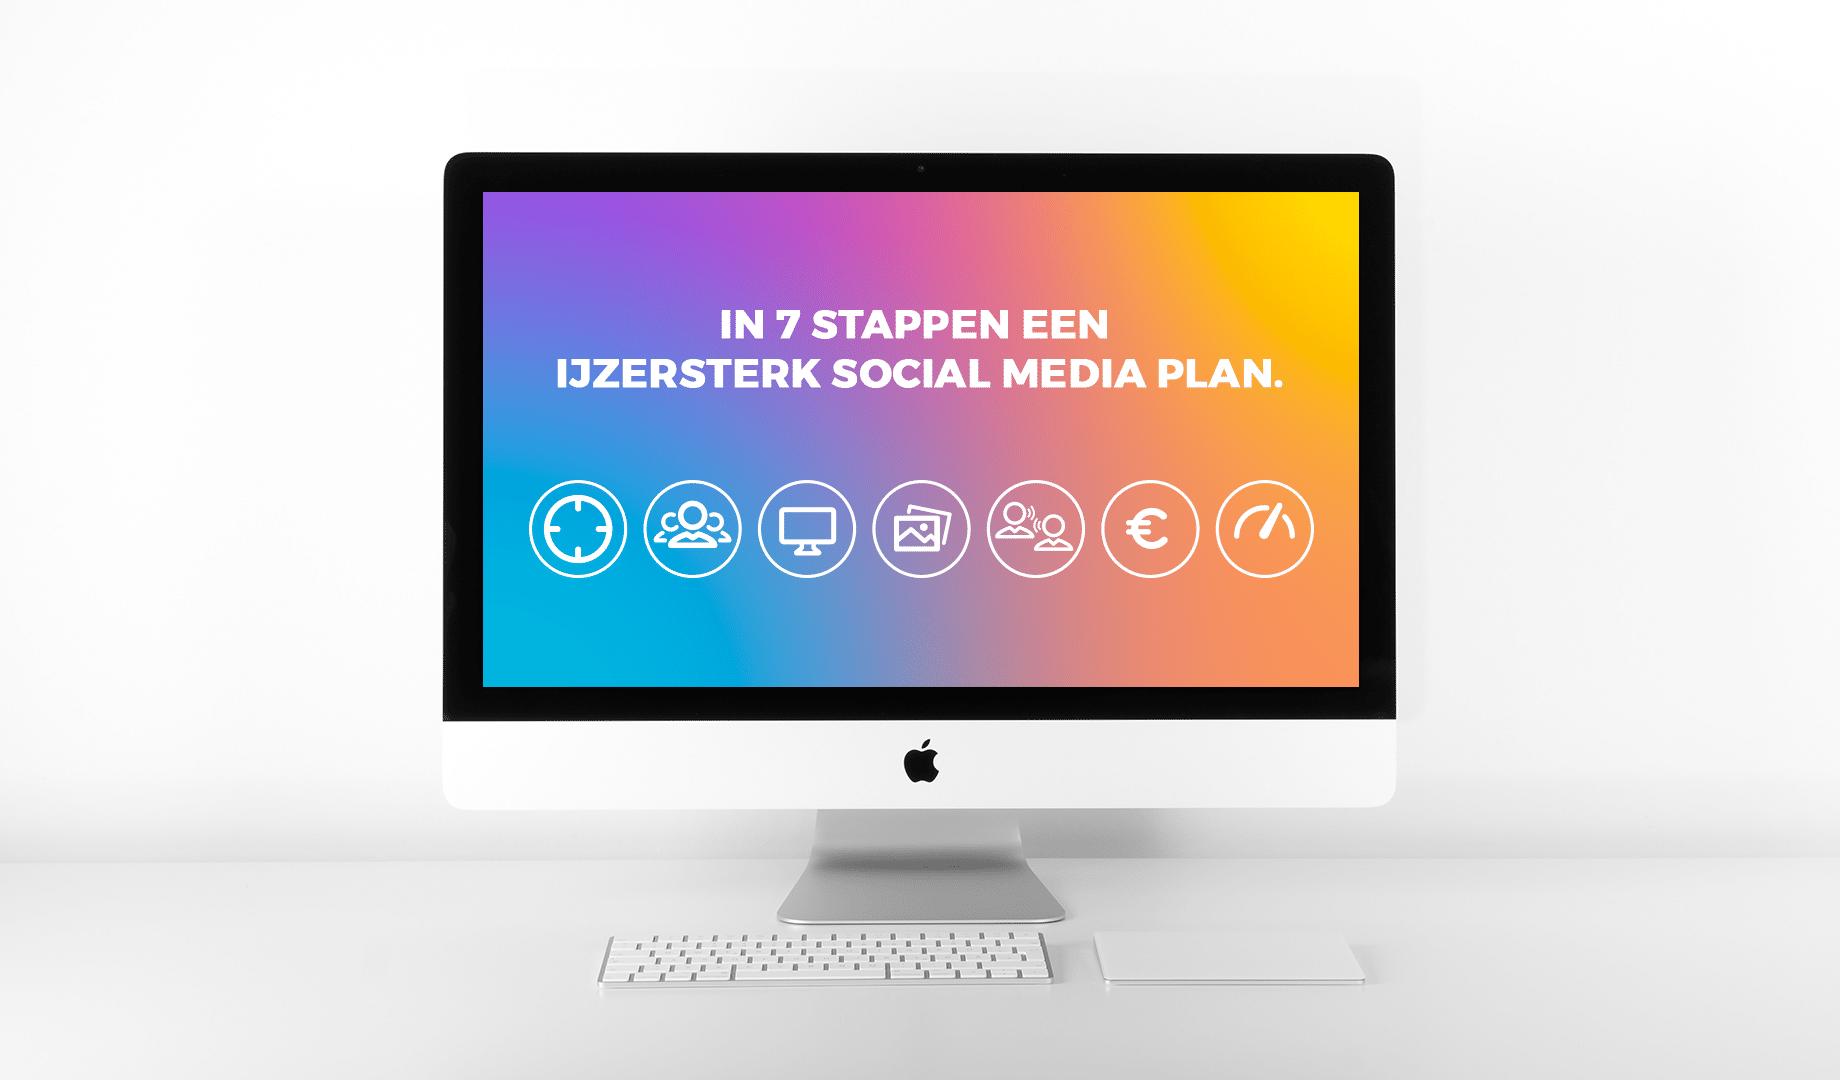 In 7 stappen een ijzersterk social media plan